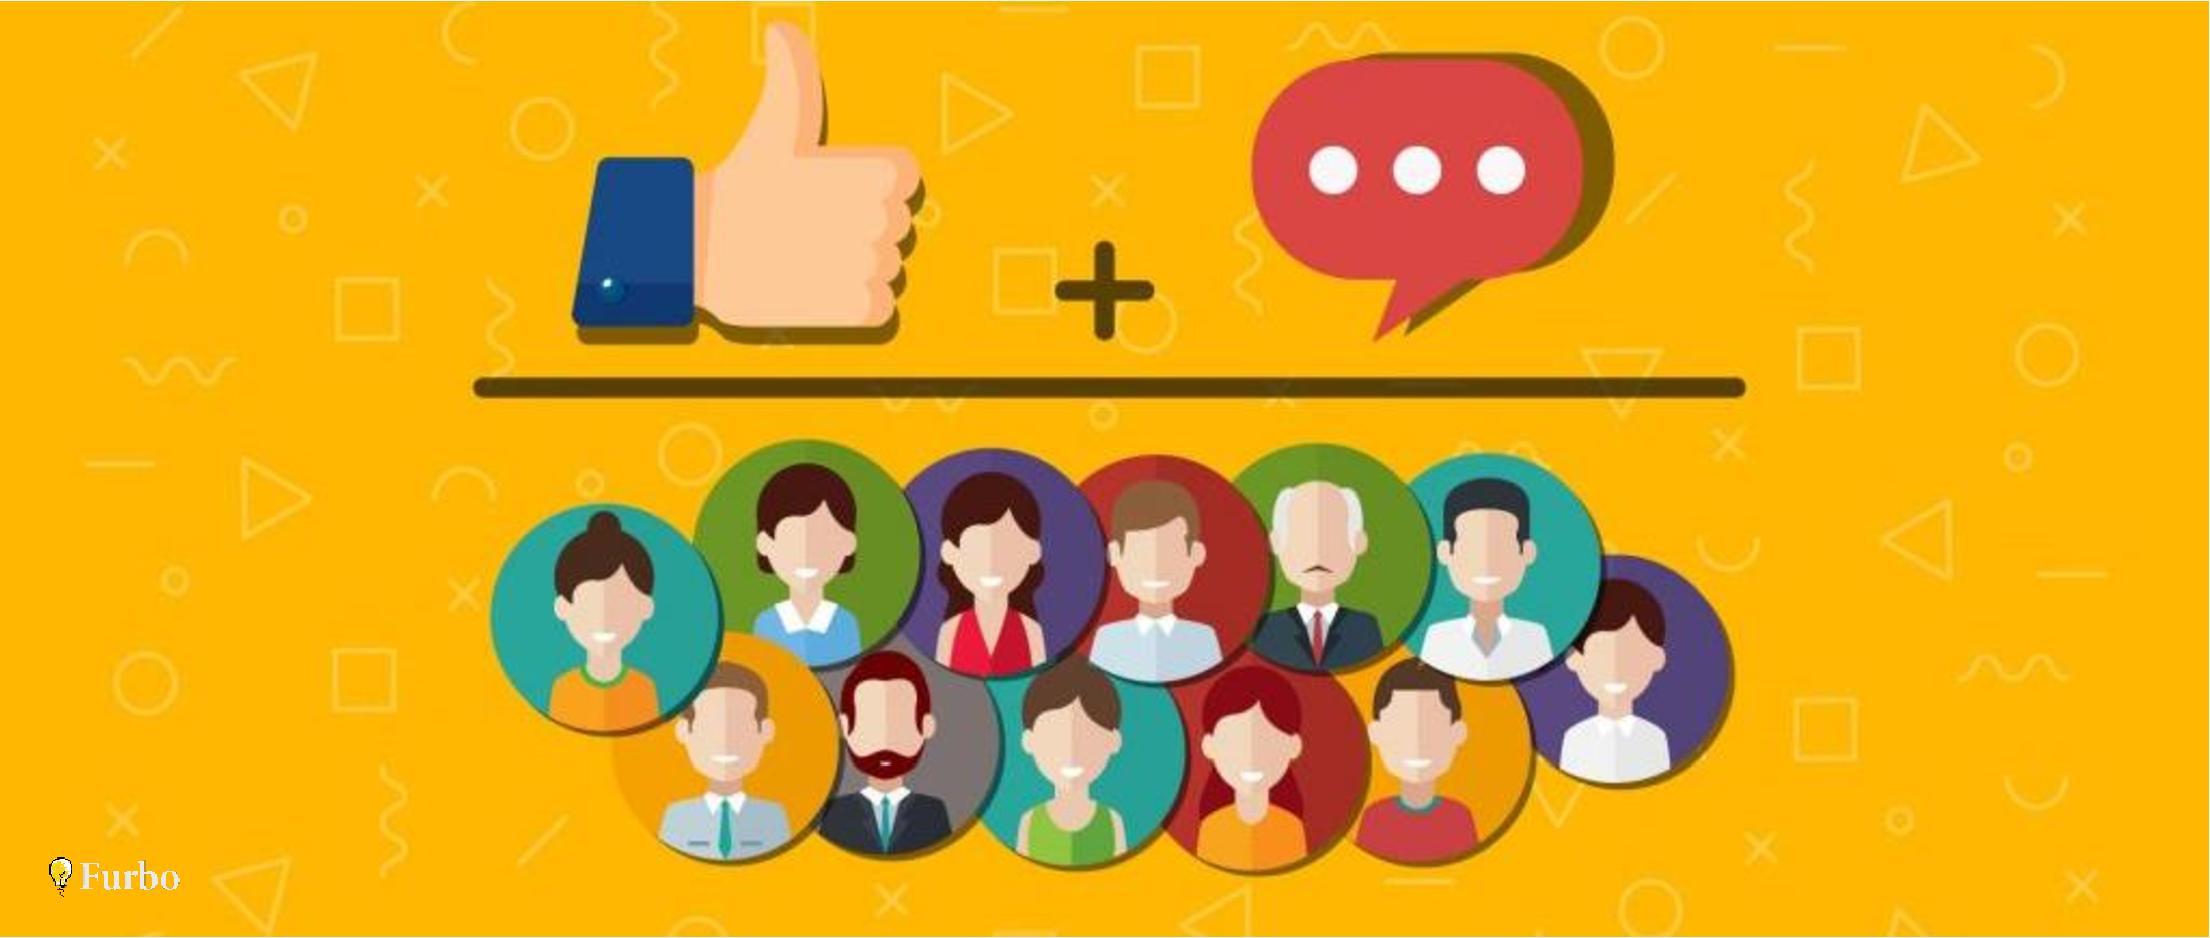 همهچیز در مورد نرخ تعامل یا درگیرکنندگی در رسانههای اجتماعی